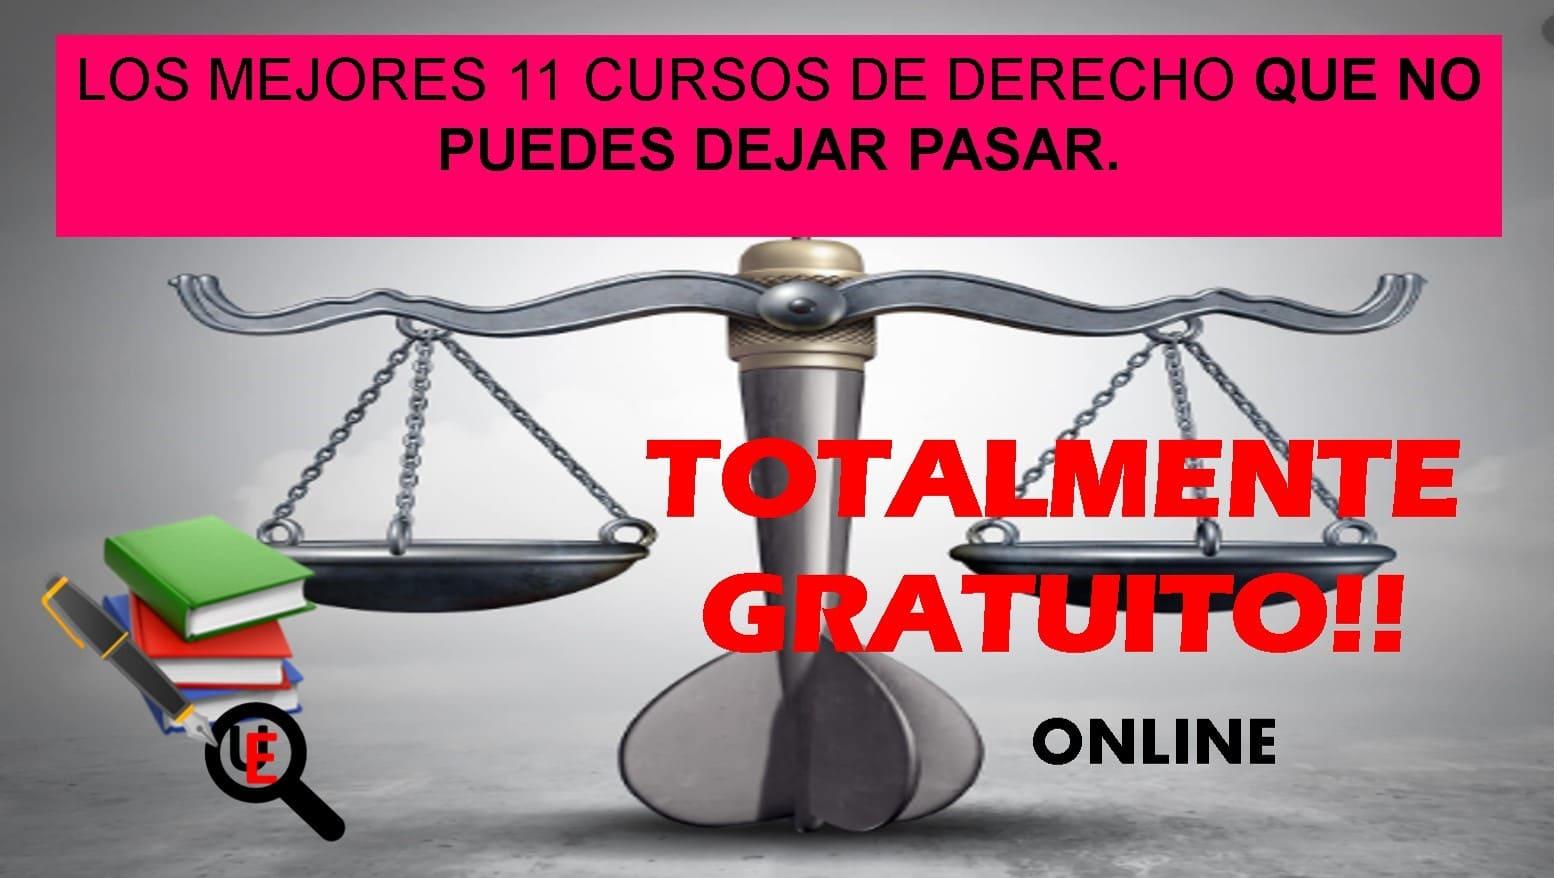 cursos-de-derecho-online-gratis.